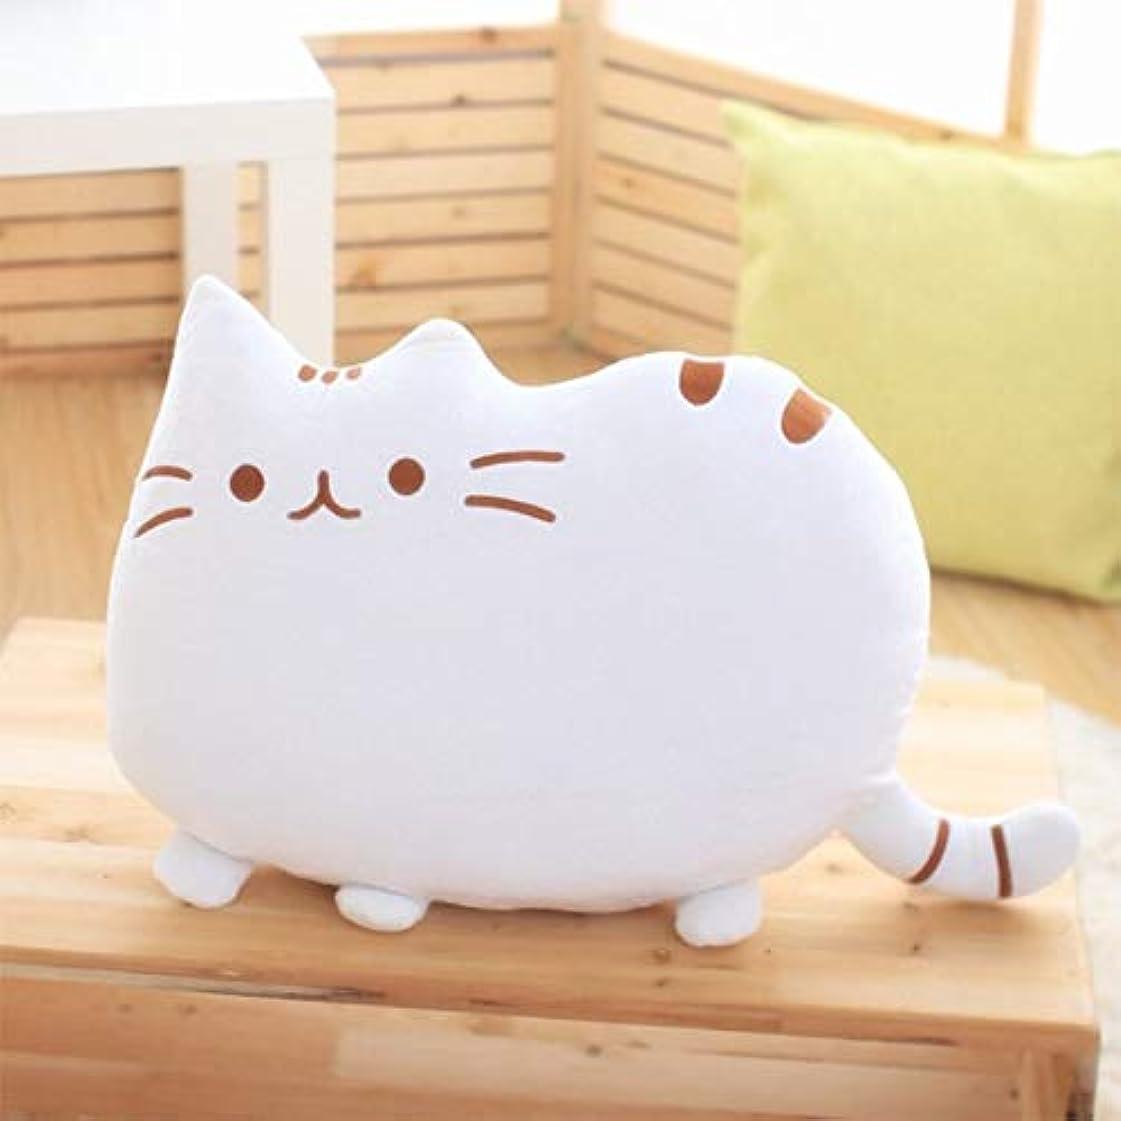 カスタム大西洋薬用LIFE8 色かわいい脂肪猫ベビーぬいぐるみ 20/40 センチメートル枕人形子供のための高品質ソフトクッション綿 Brinquedos 子供のためのギフトクッション 椅子